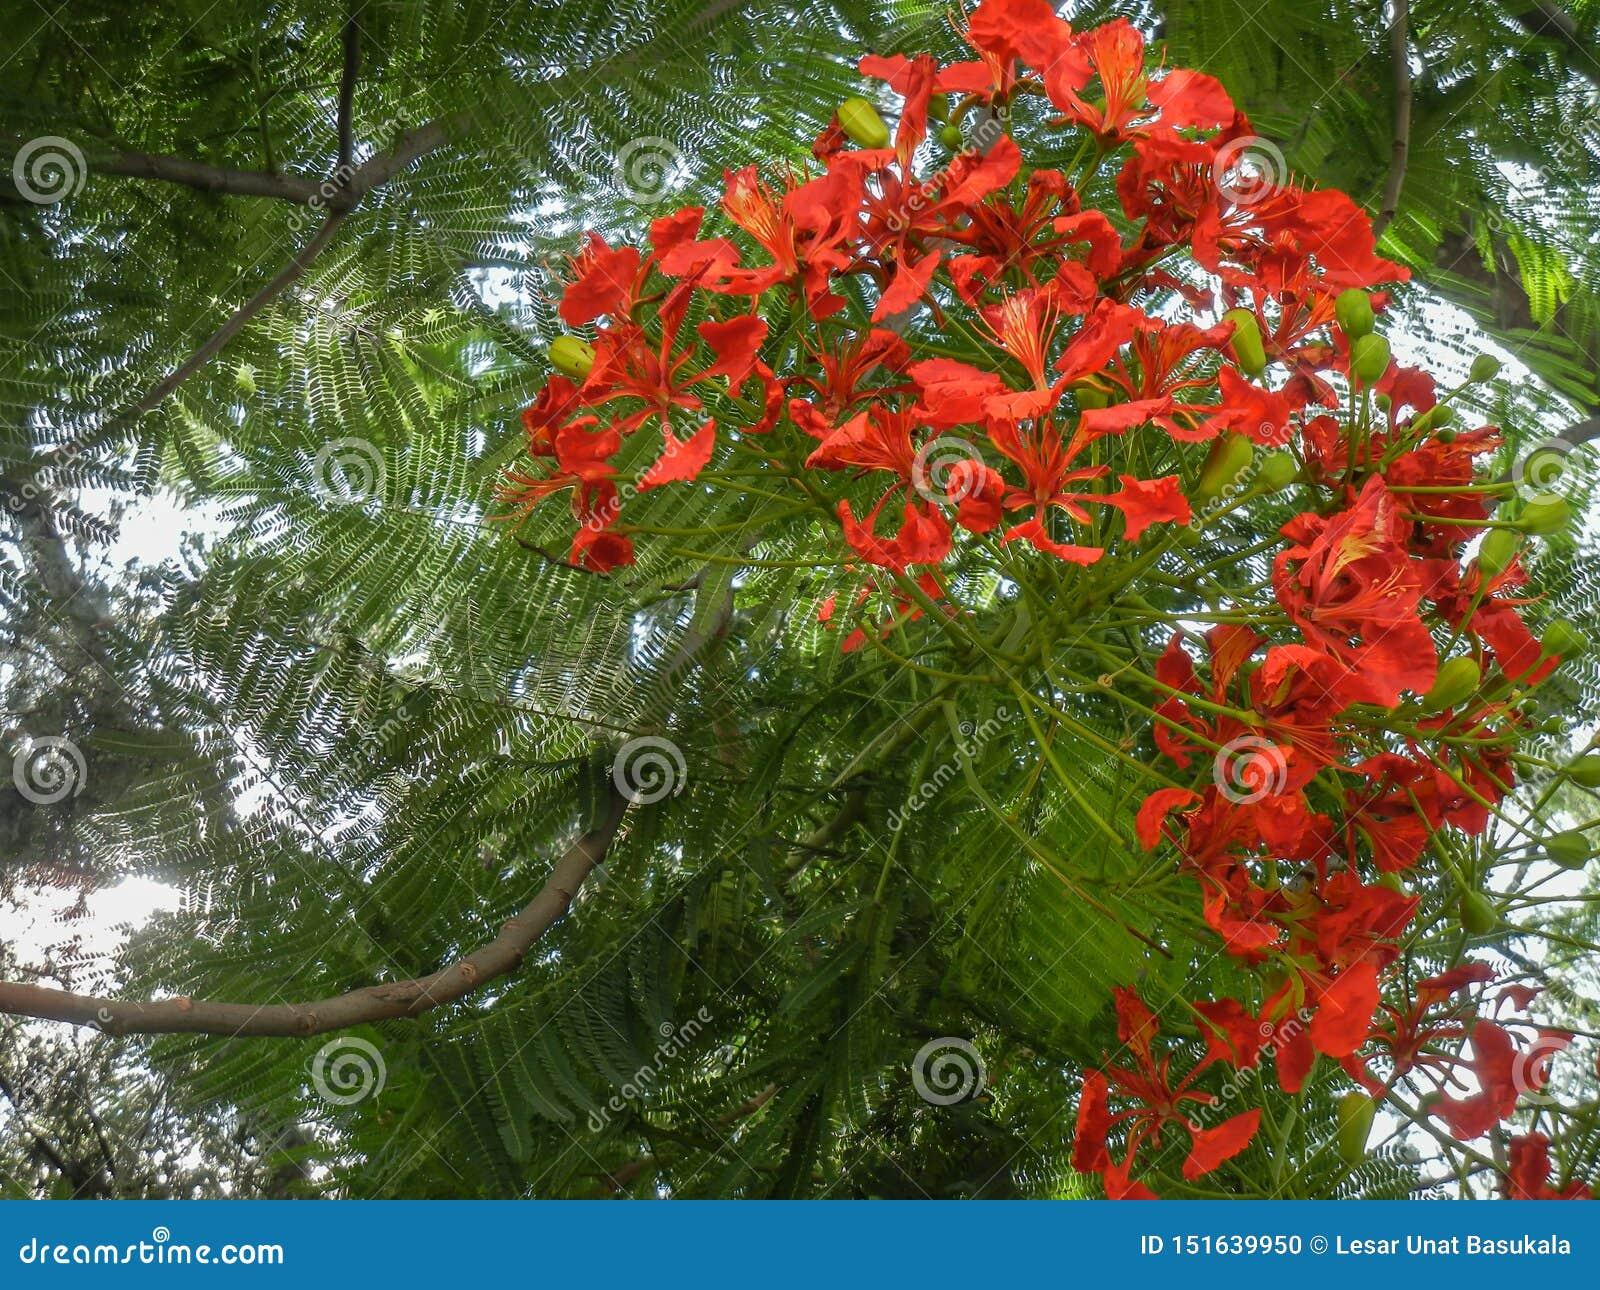 Regia Delonix цветковое растение, который выросли летом с оранжевым красным poinciana цветков королевским, с плодом